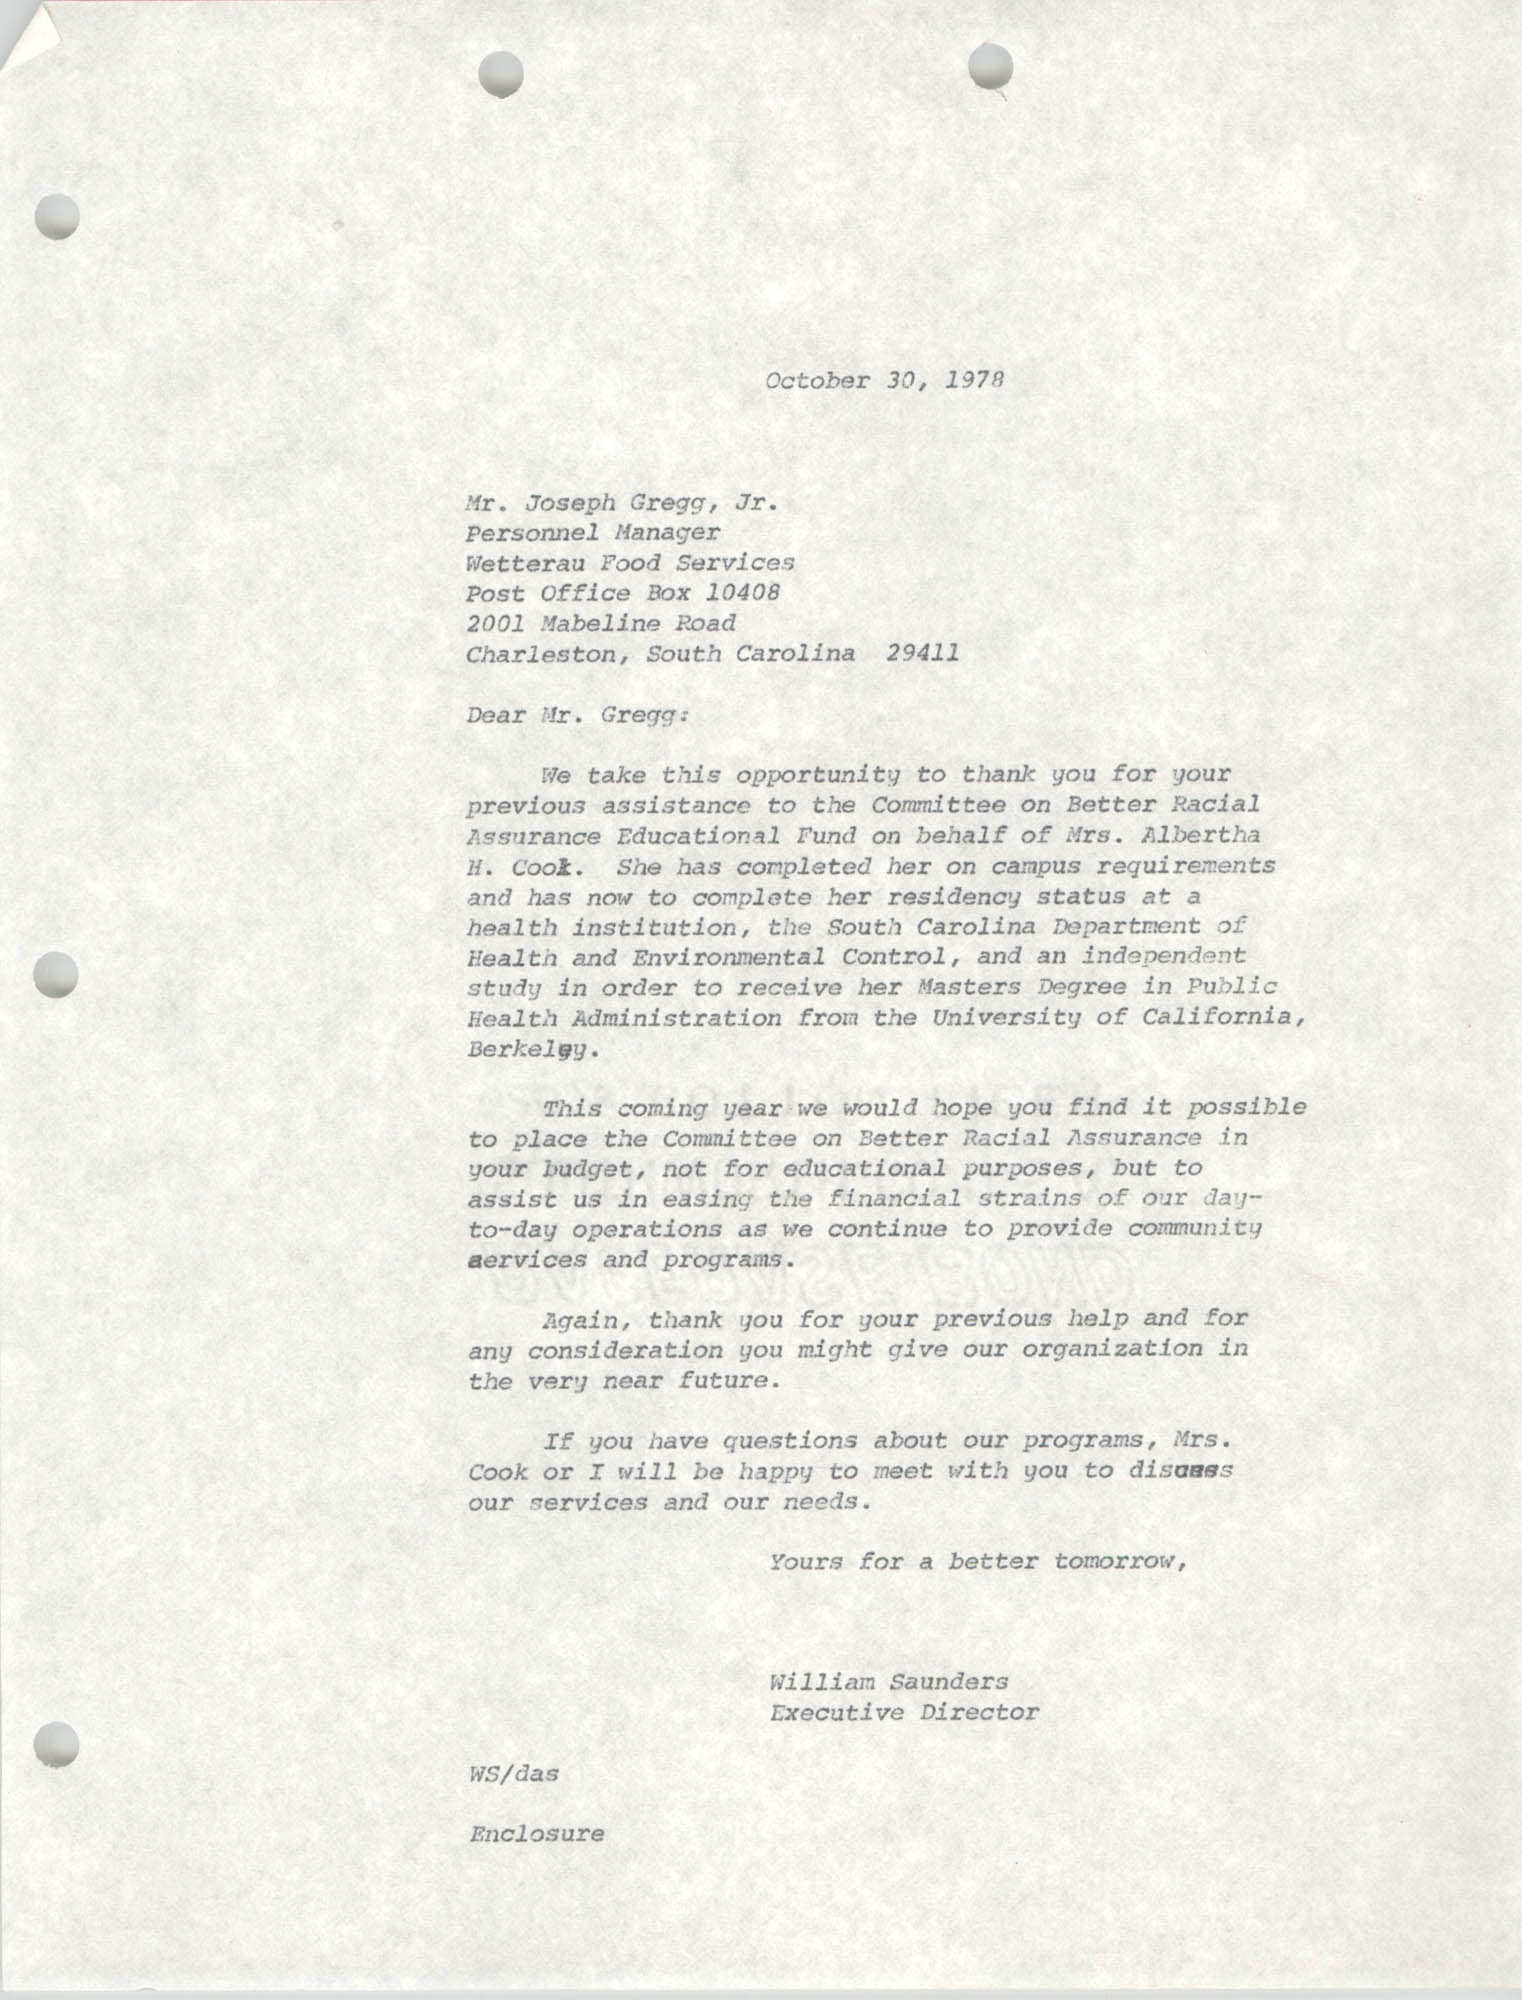 Letter from William Saunders to Joseph Gregg, Jr., October 30, 1978